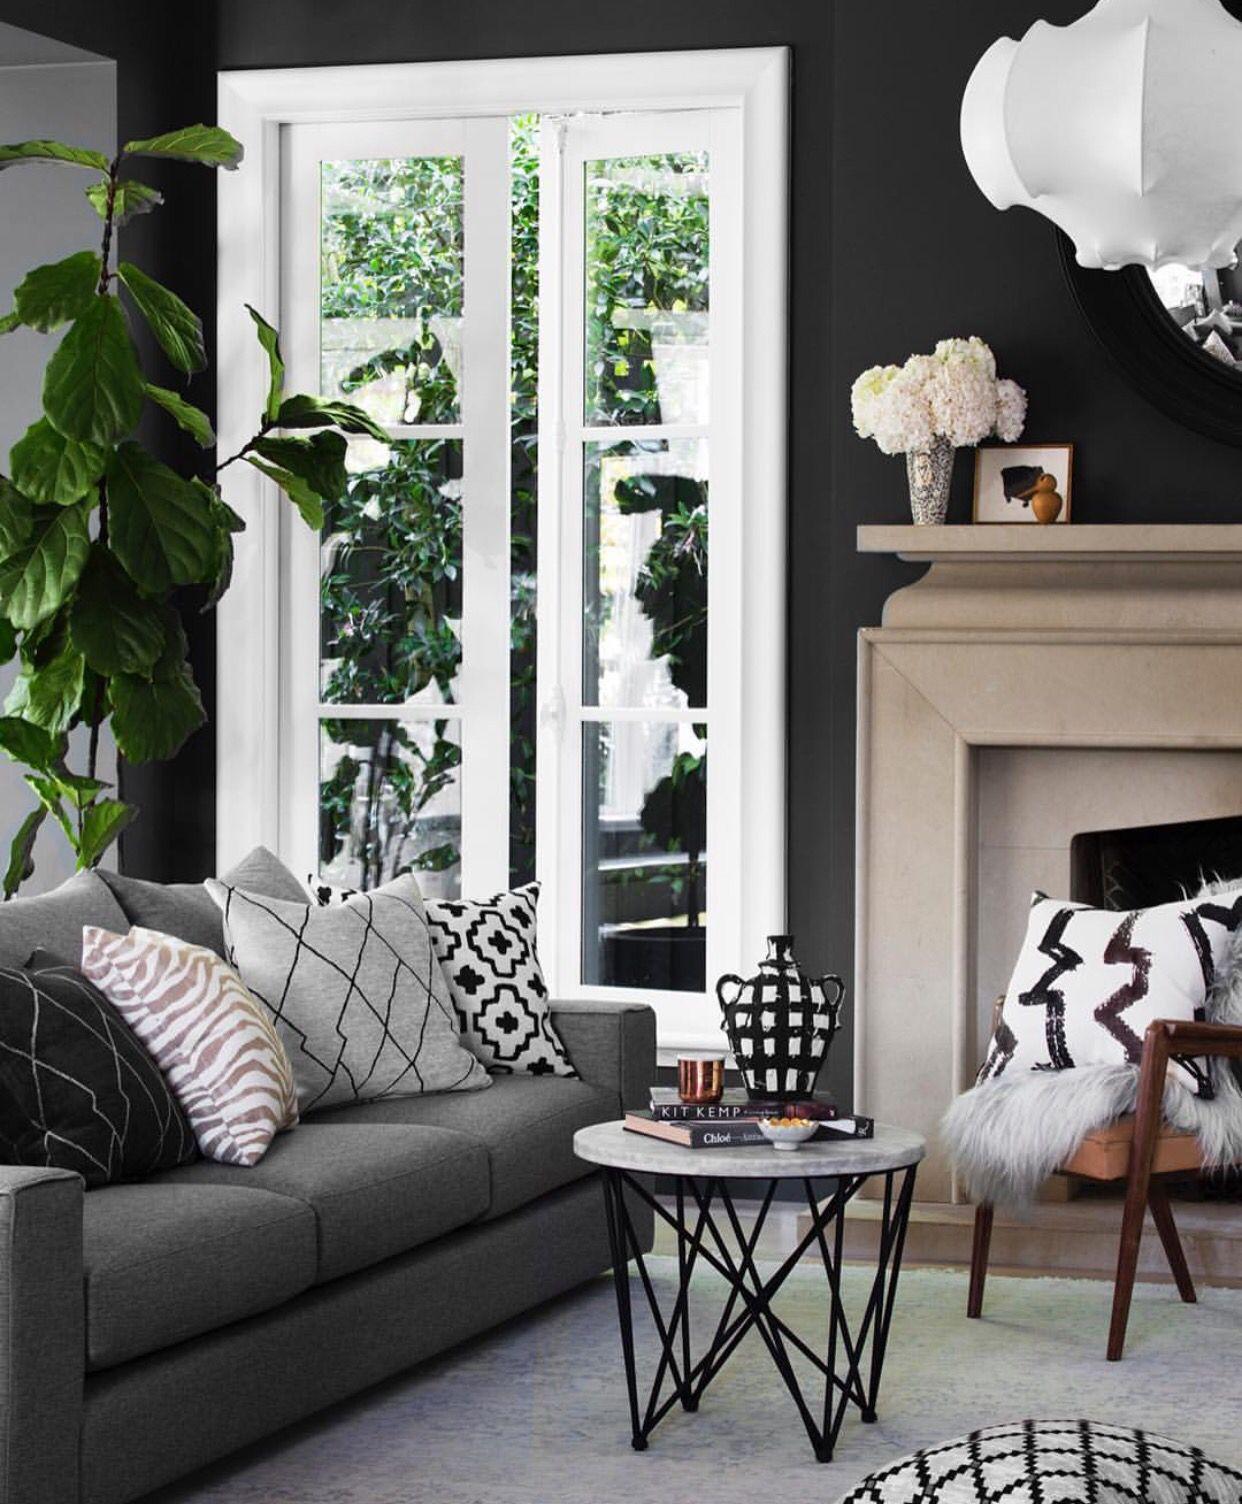 Pin by salomé trigo on decorações giras pinterest living rooms